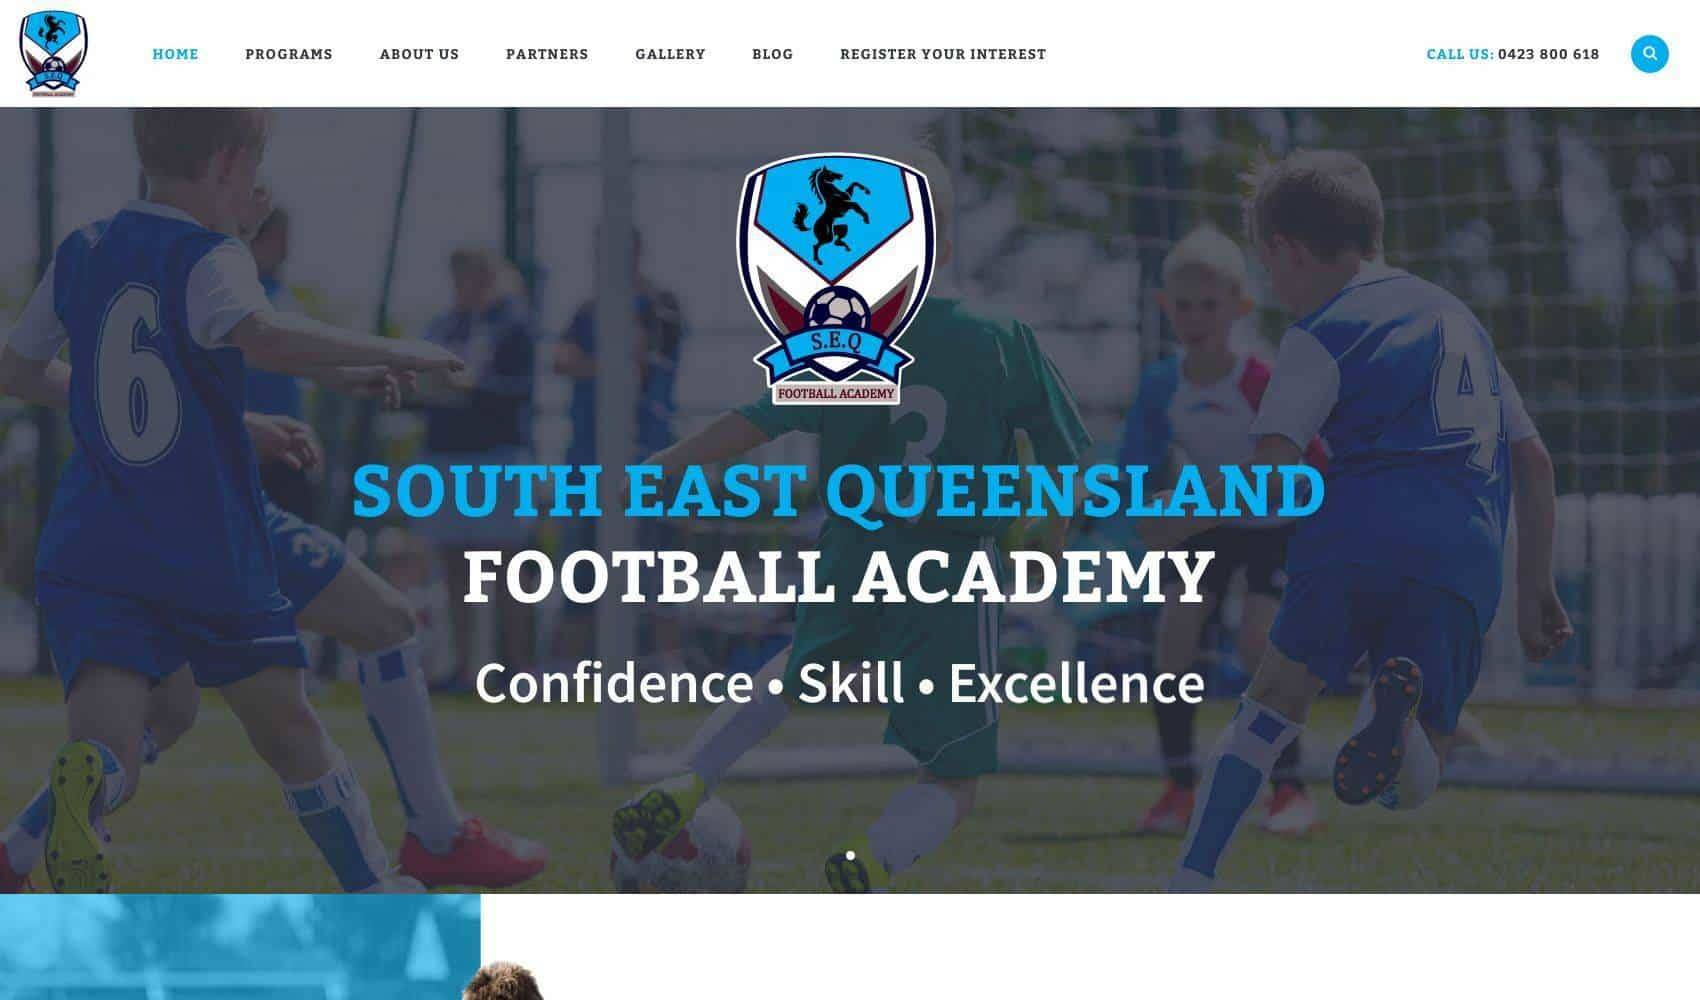 SEQ Football Academy